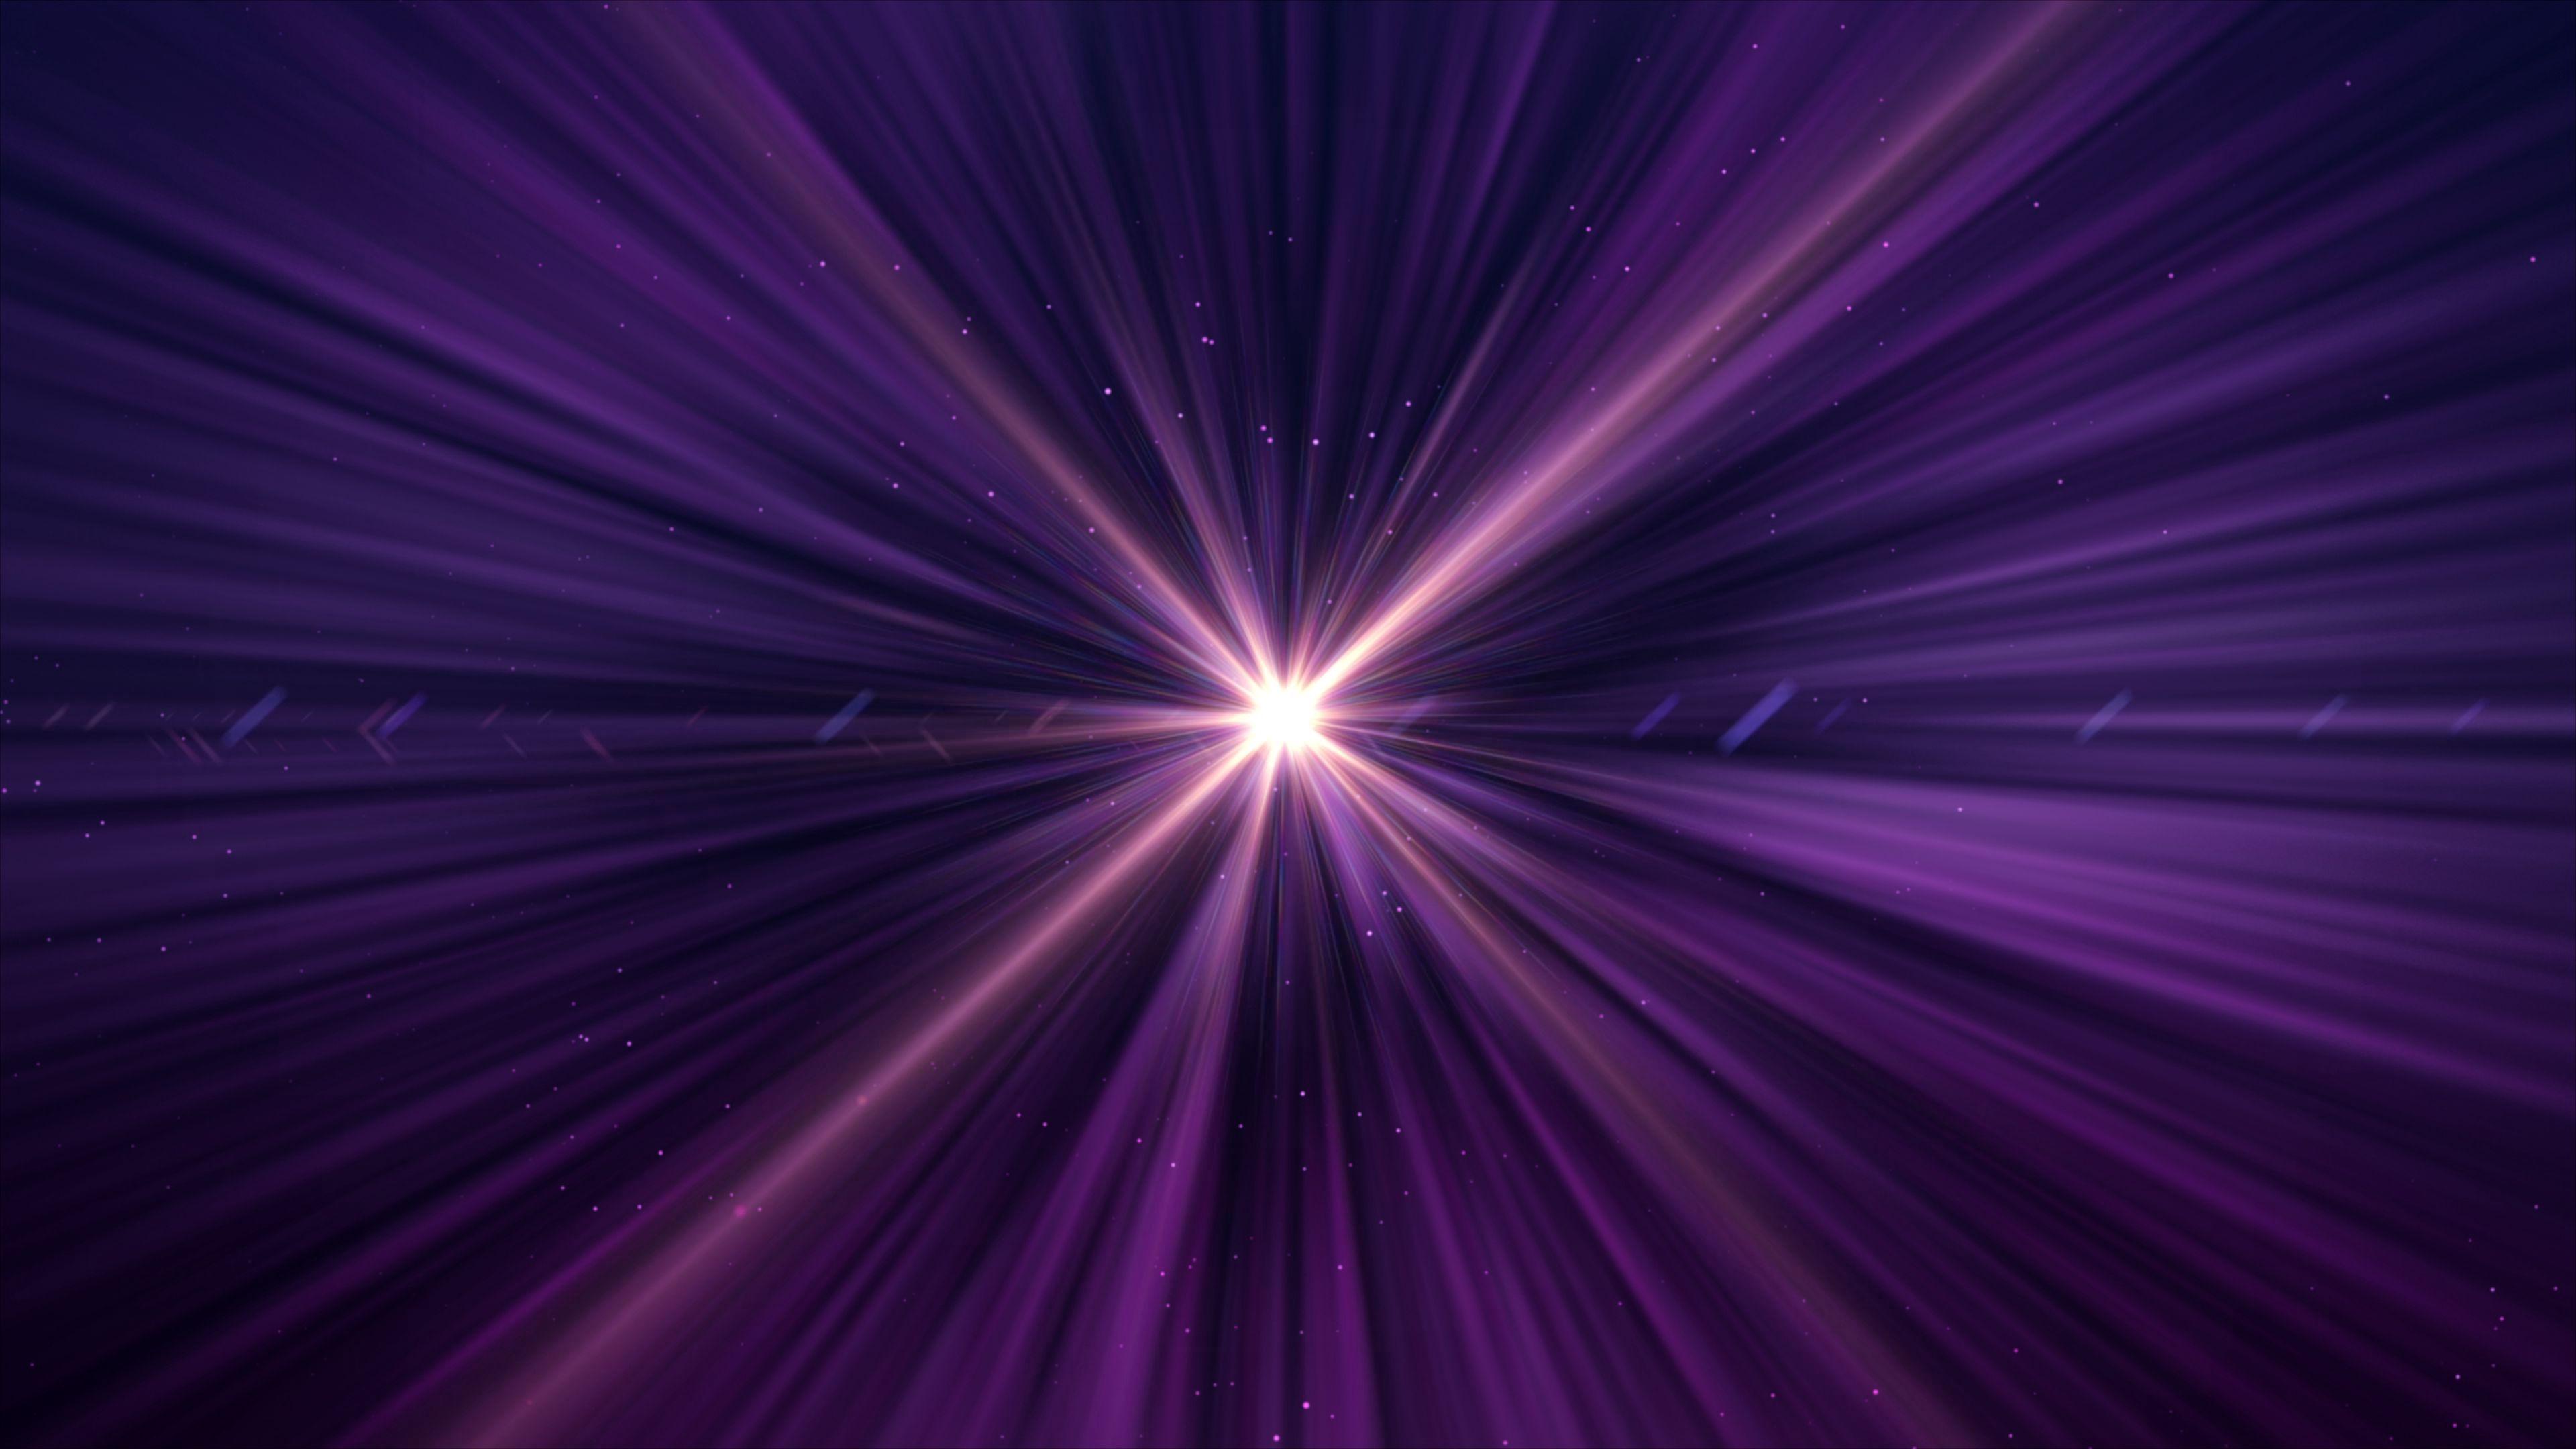 66183壁紙のダウンロード抽象, ビーム, 光線, グロー, 匂う, 輝く, 光, 紫の, 紫-スクリーンセーバーと写真を無料で